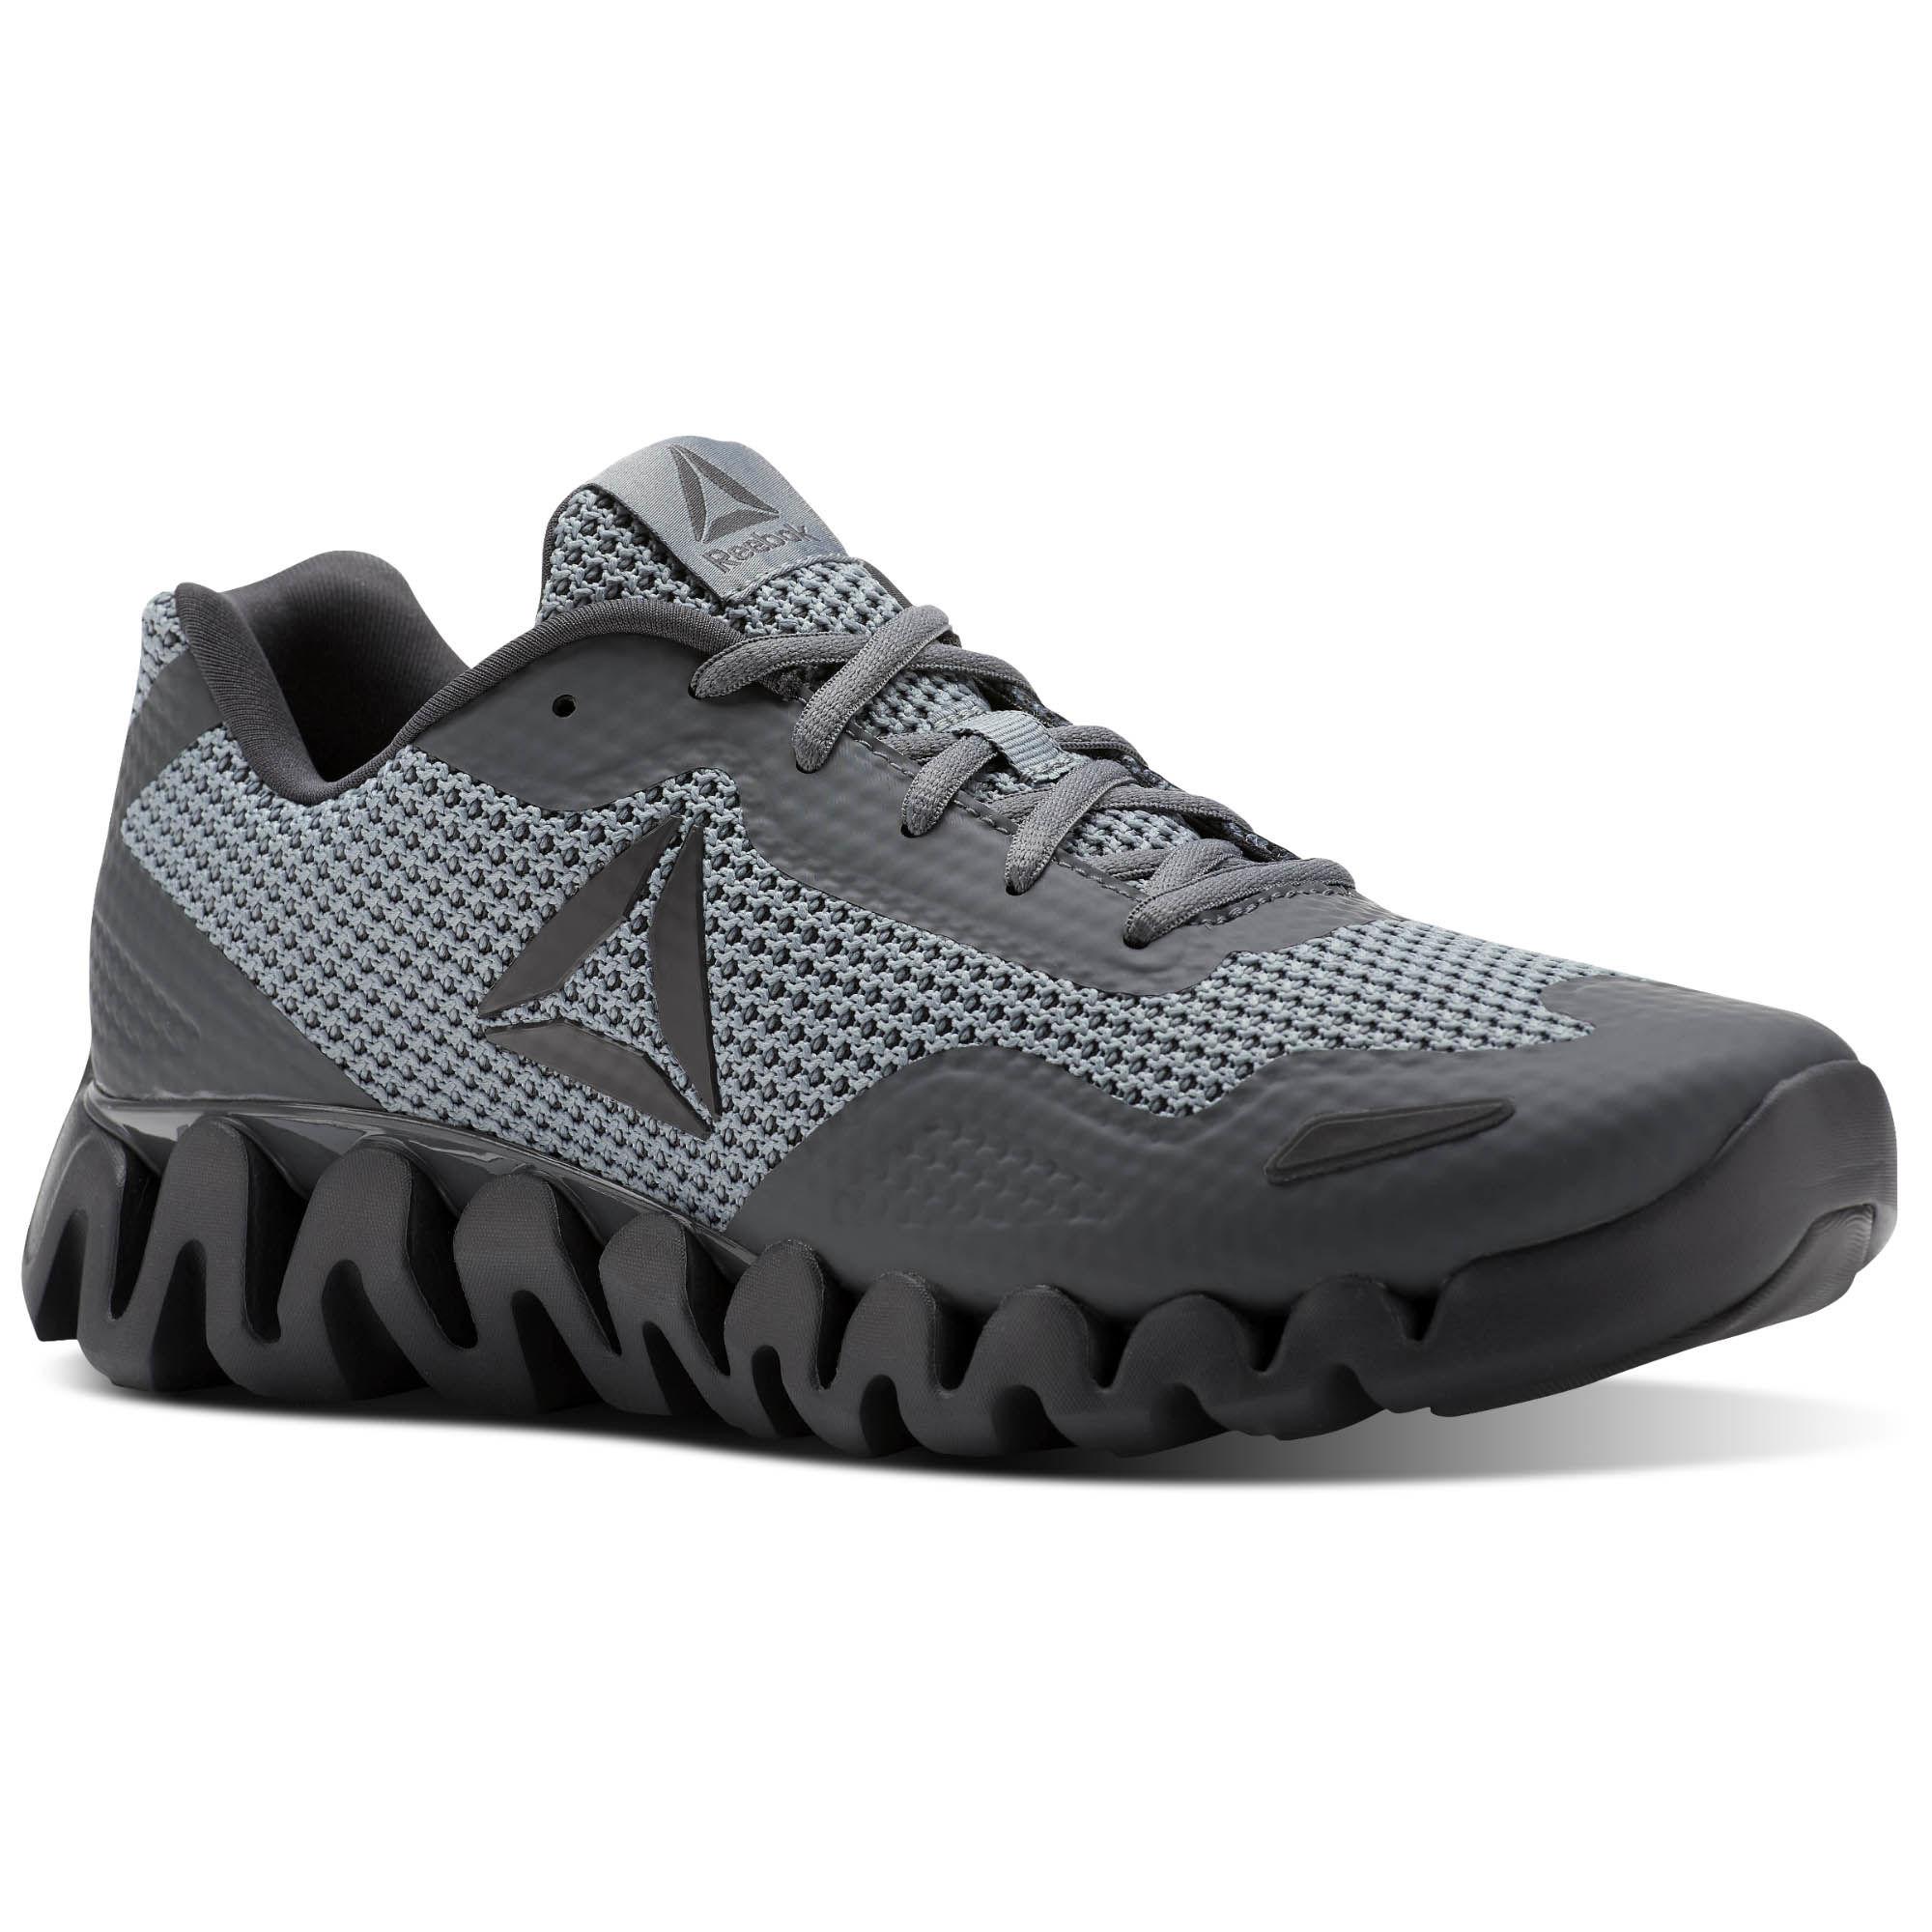 80d895d2aaf Reebok: Extra 50% off Outlet: Men's Zig Pulse SE Running Shoes ...